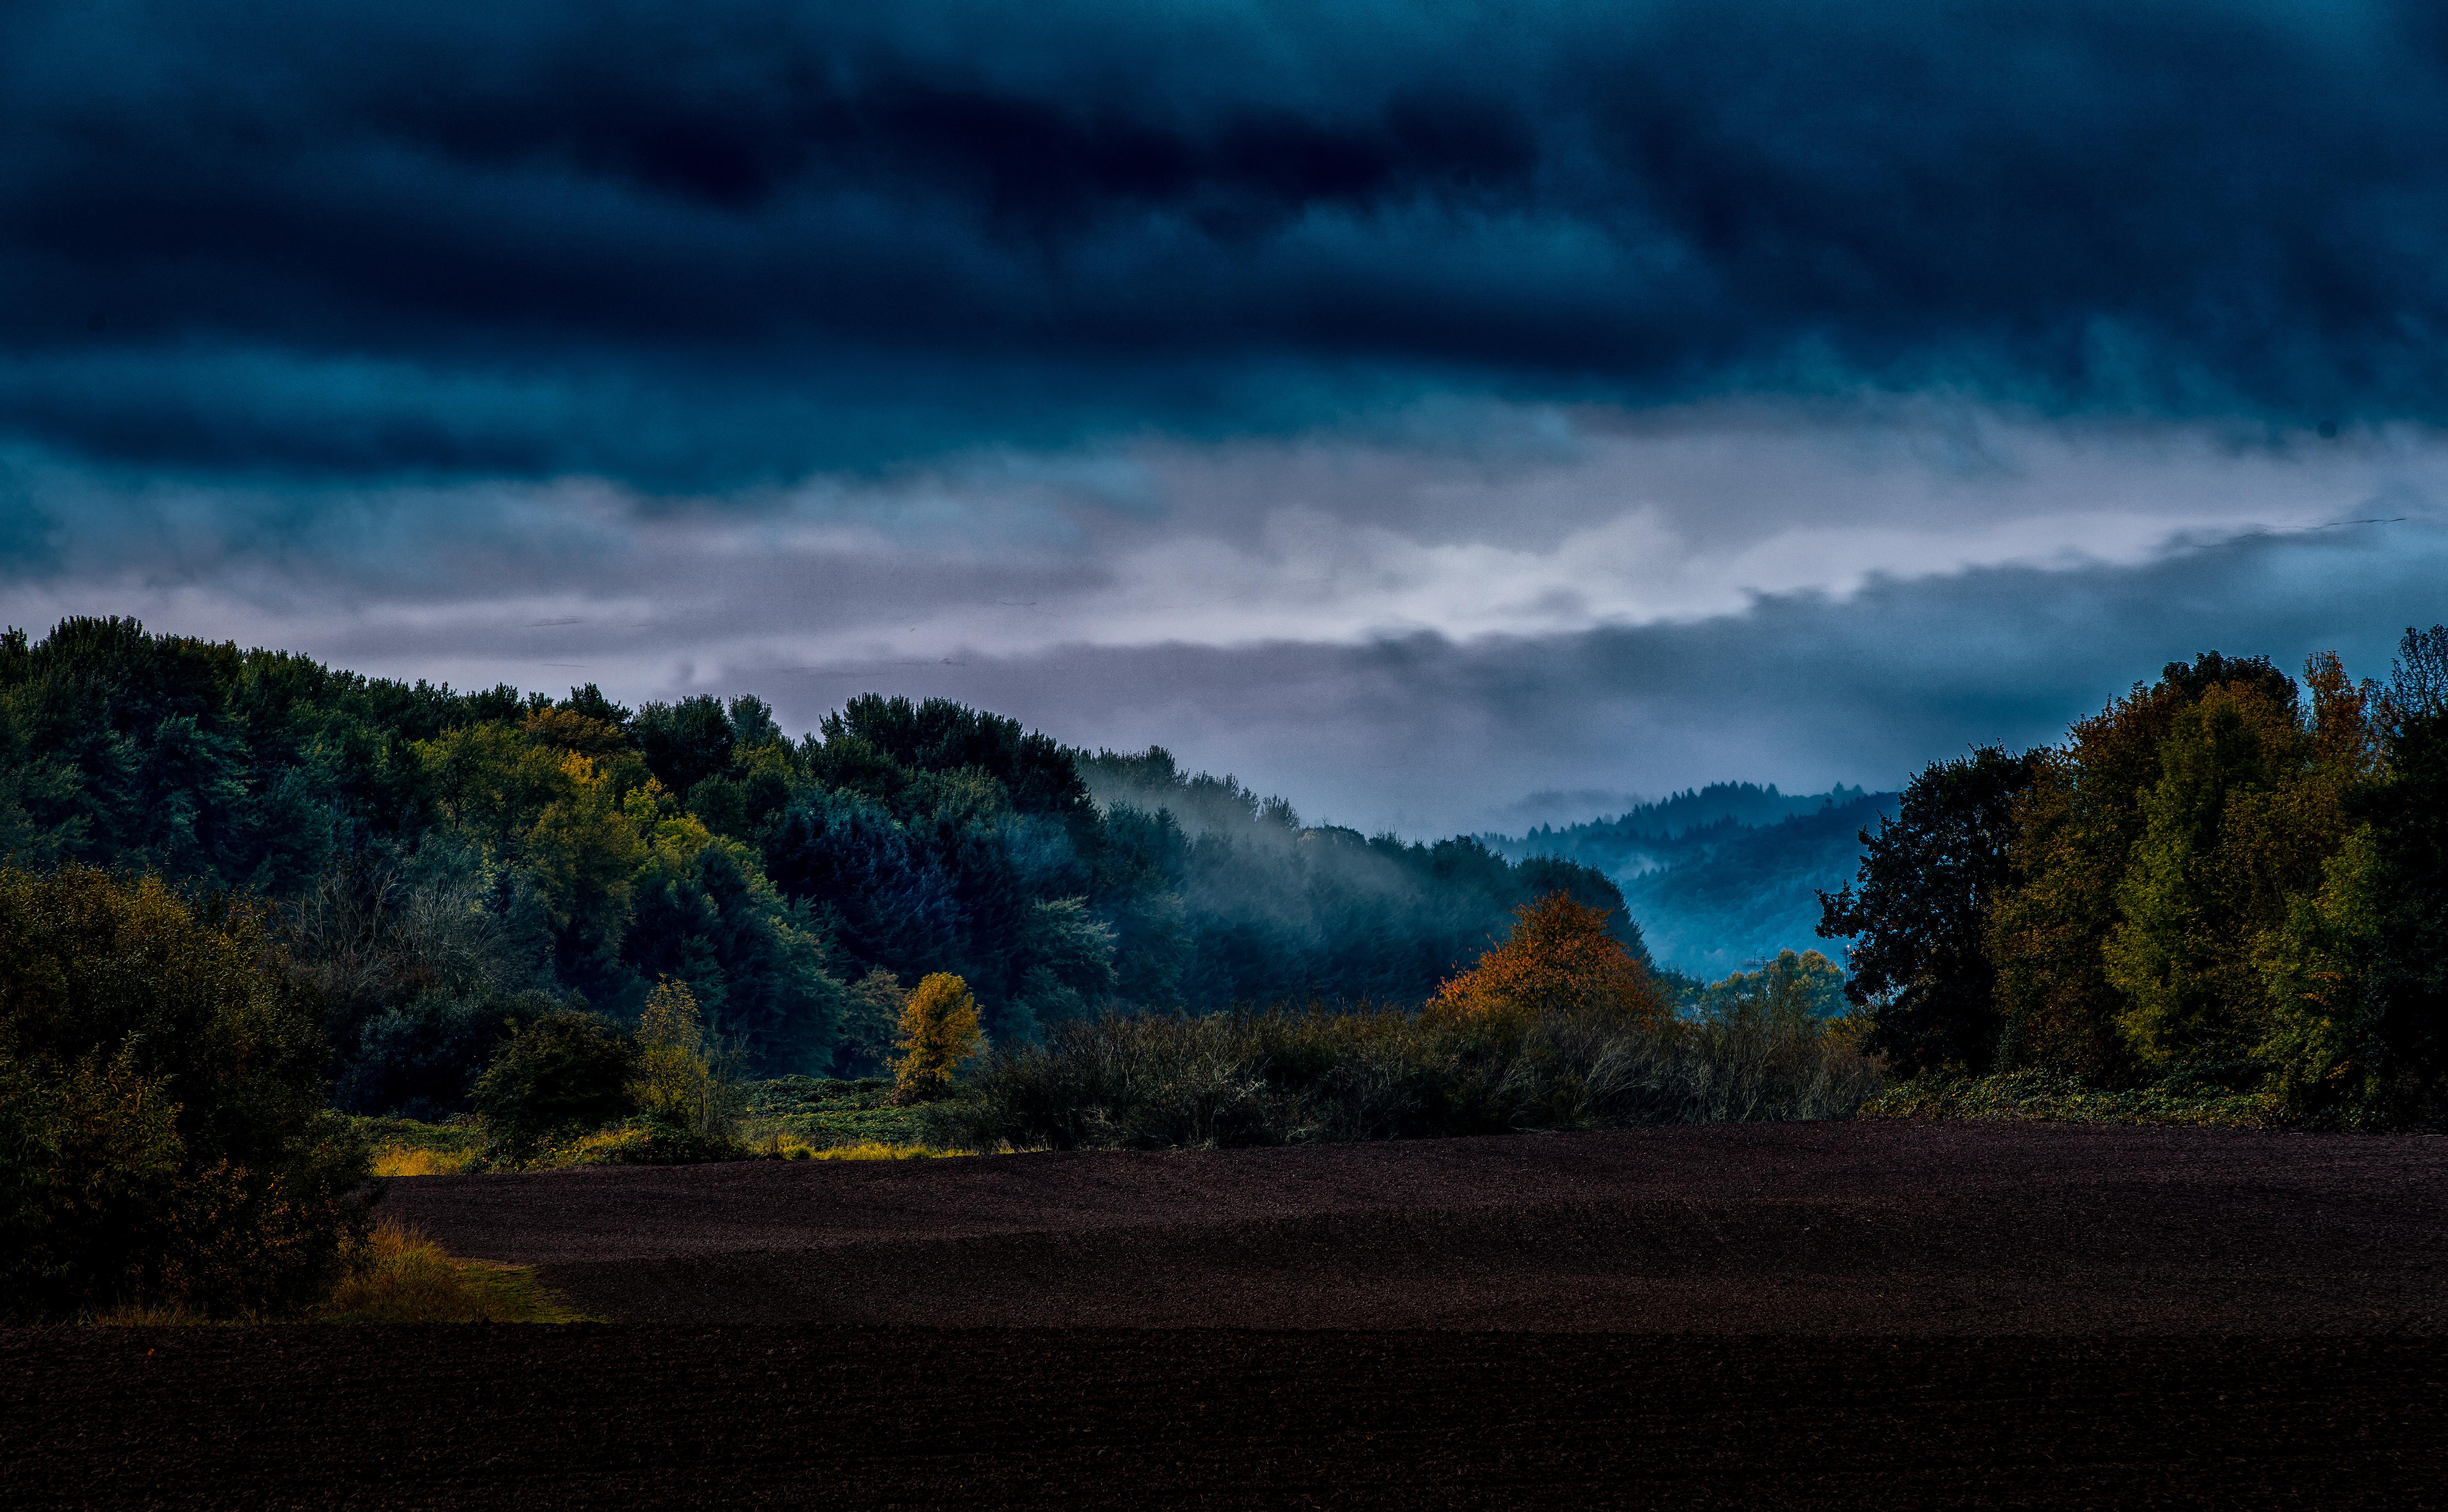 Fall Oregon Island Forest 6496x4012